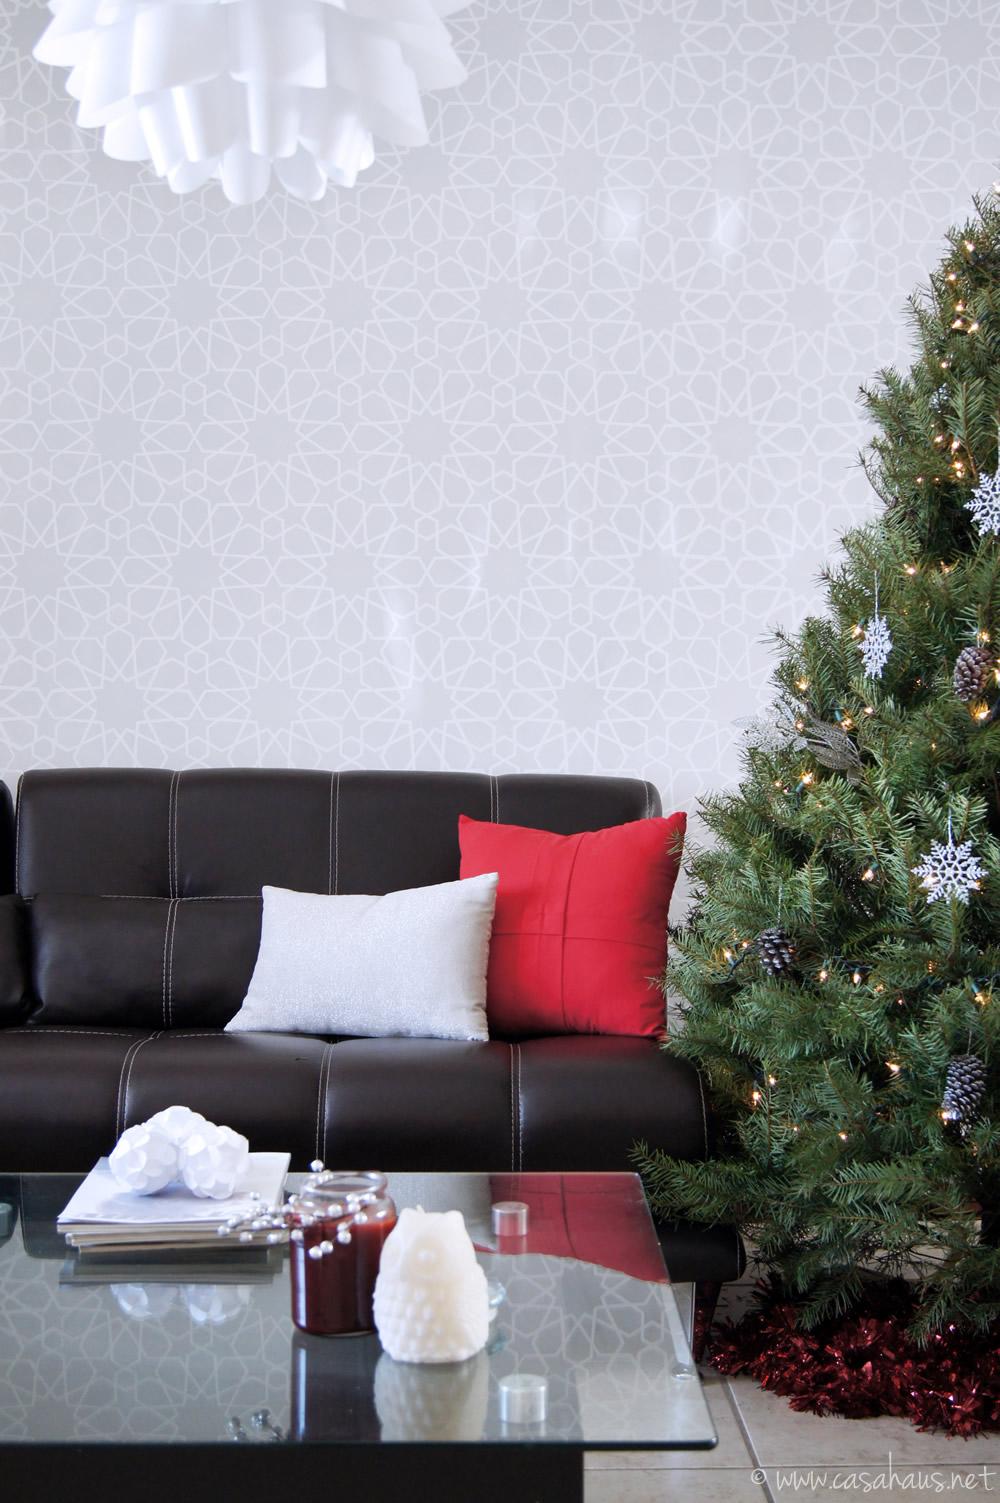 Sala decorada para Navidad